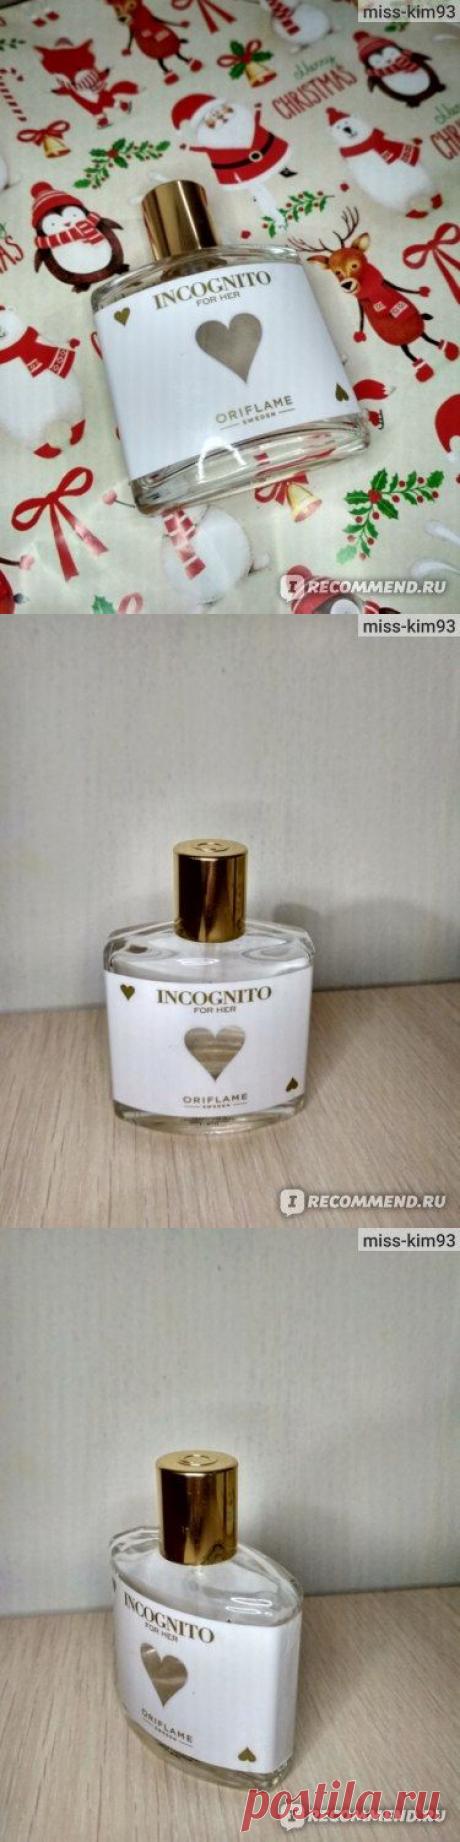 Oriflame Туалетная вода Incognito для нее - «Запах успеха.» | Отзывы покупателей